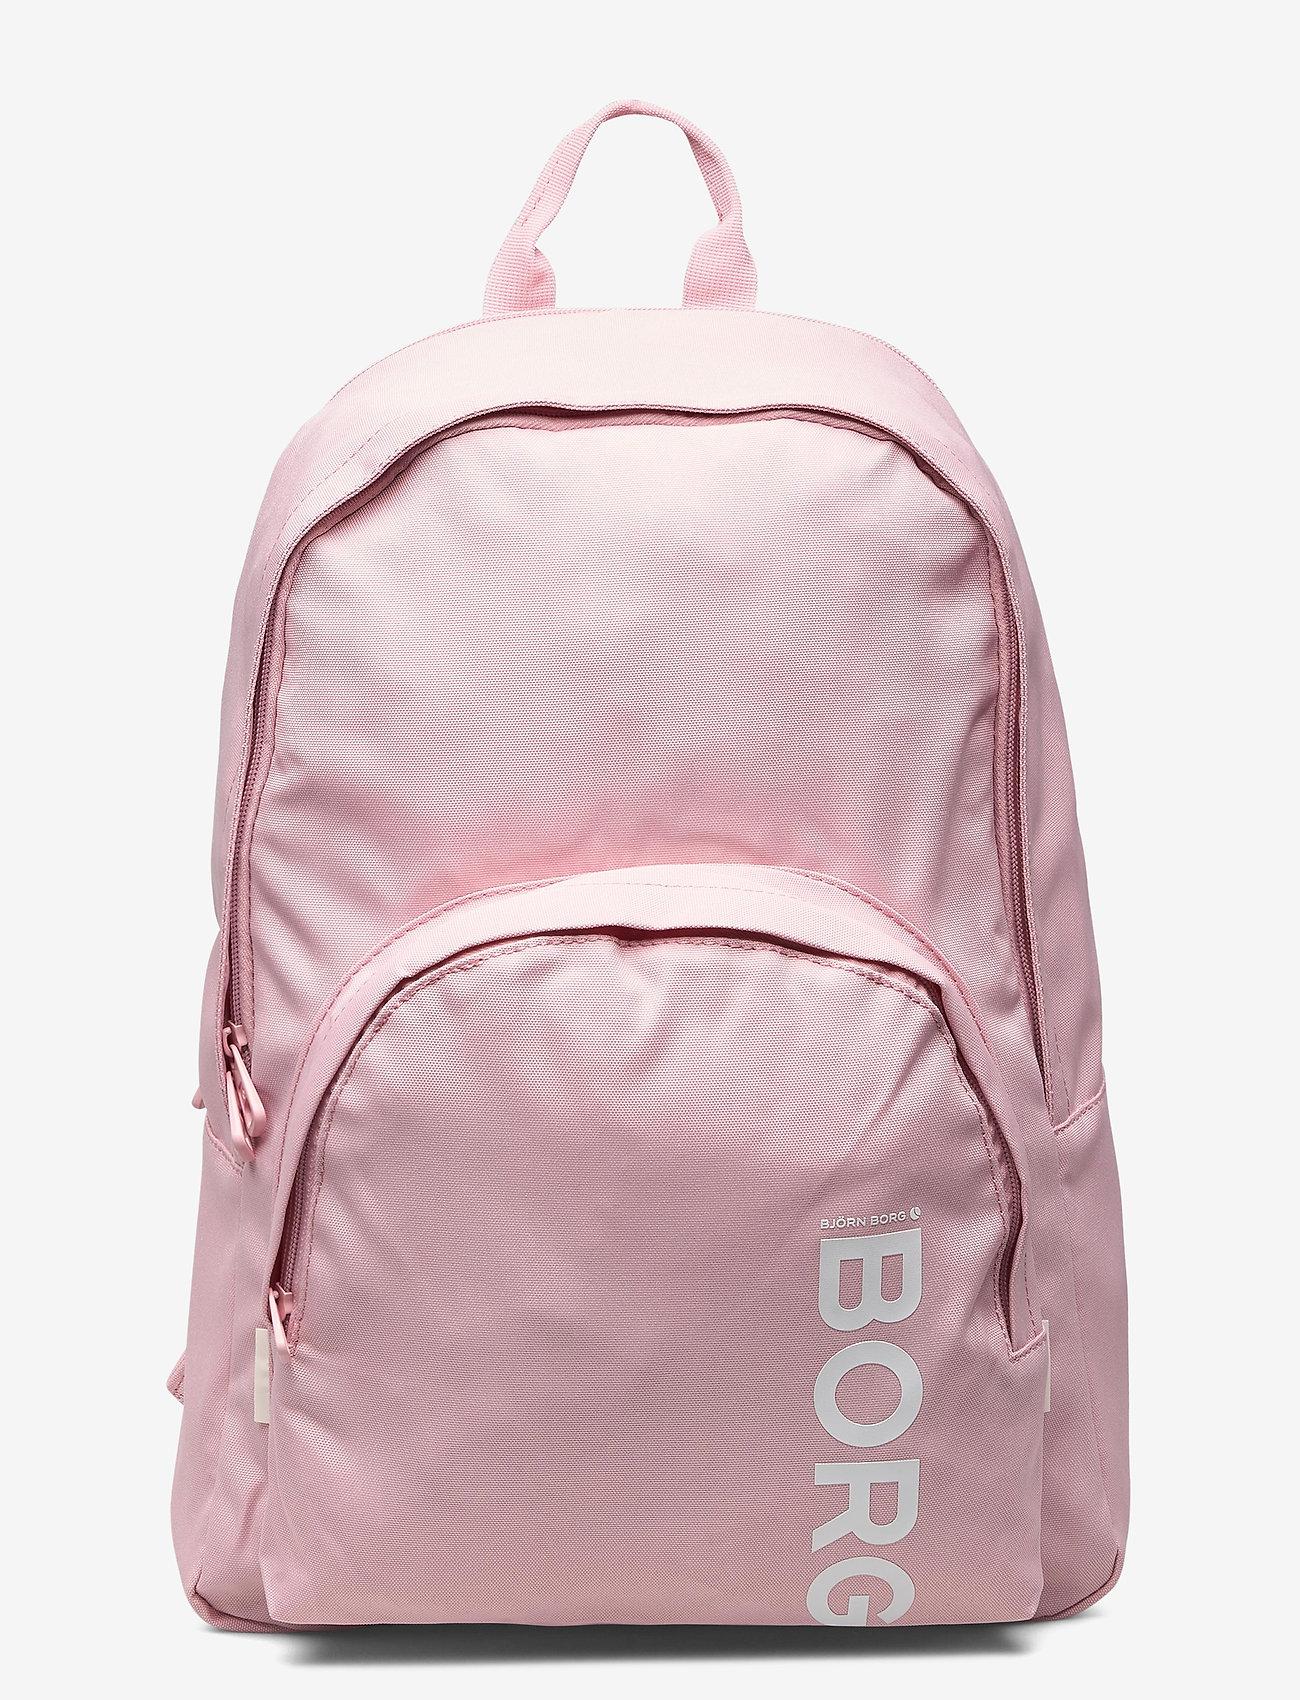 Björn Borg - Back pack - rugzakken - pink - 0